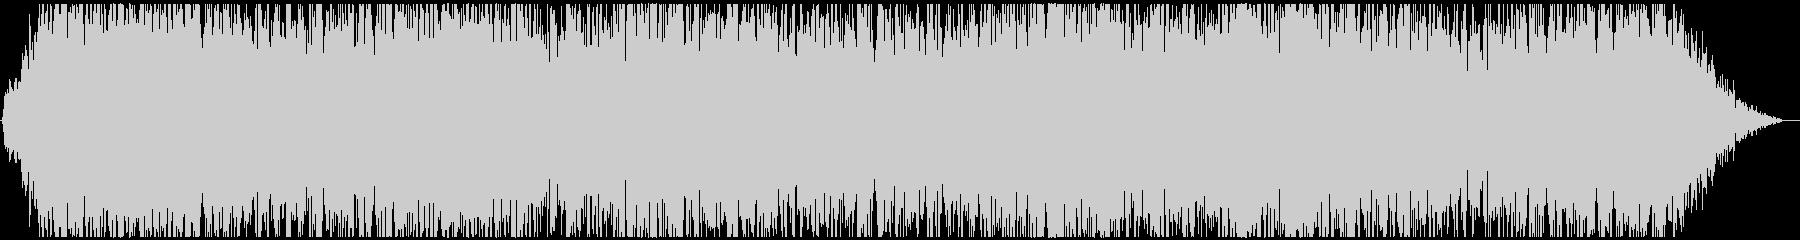 イメージ 地獄の声02の未再生の波形